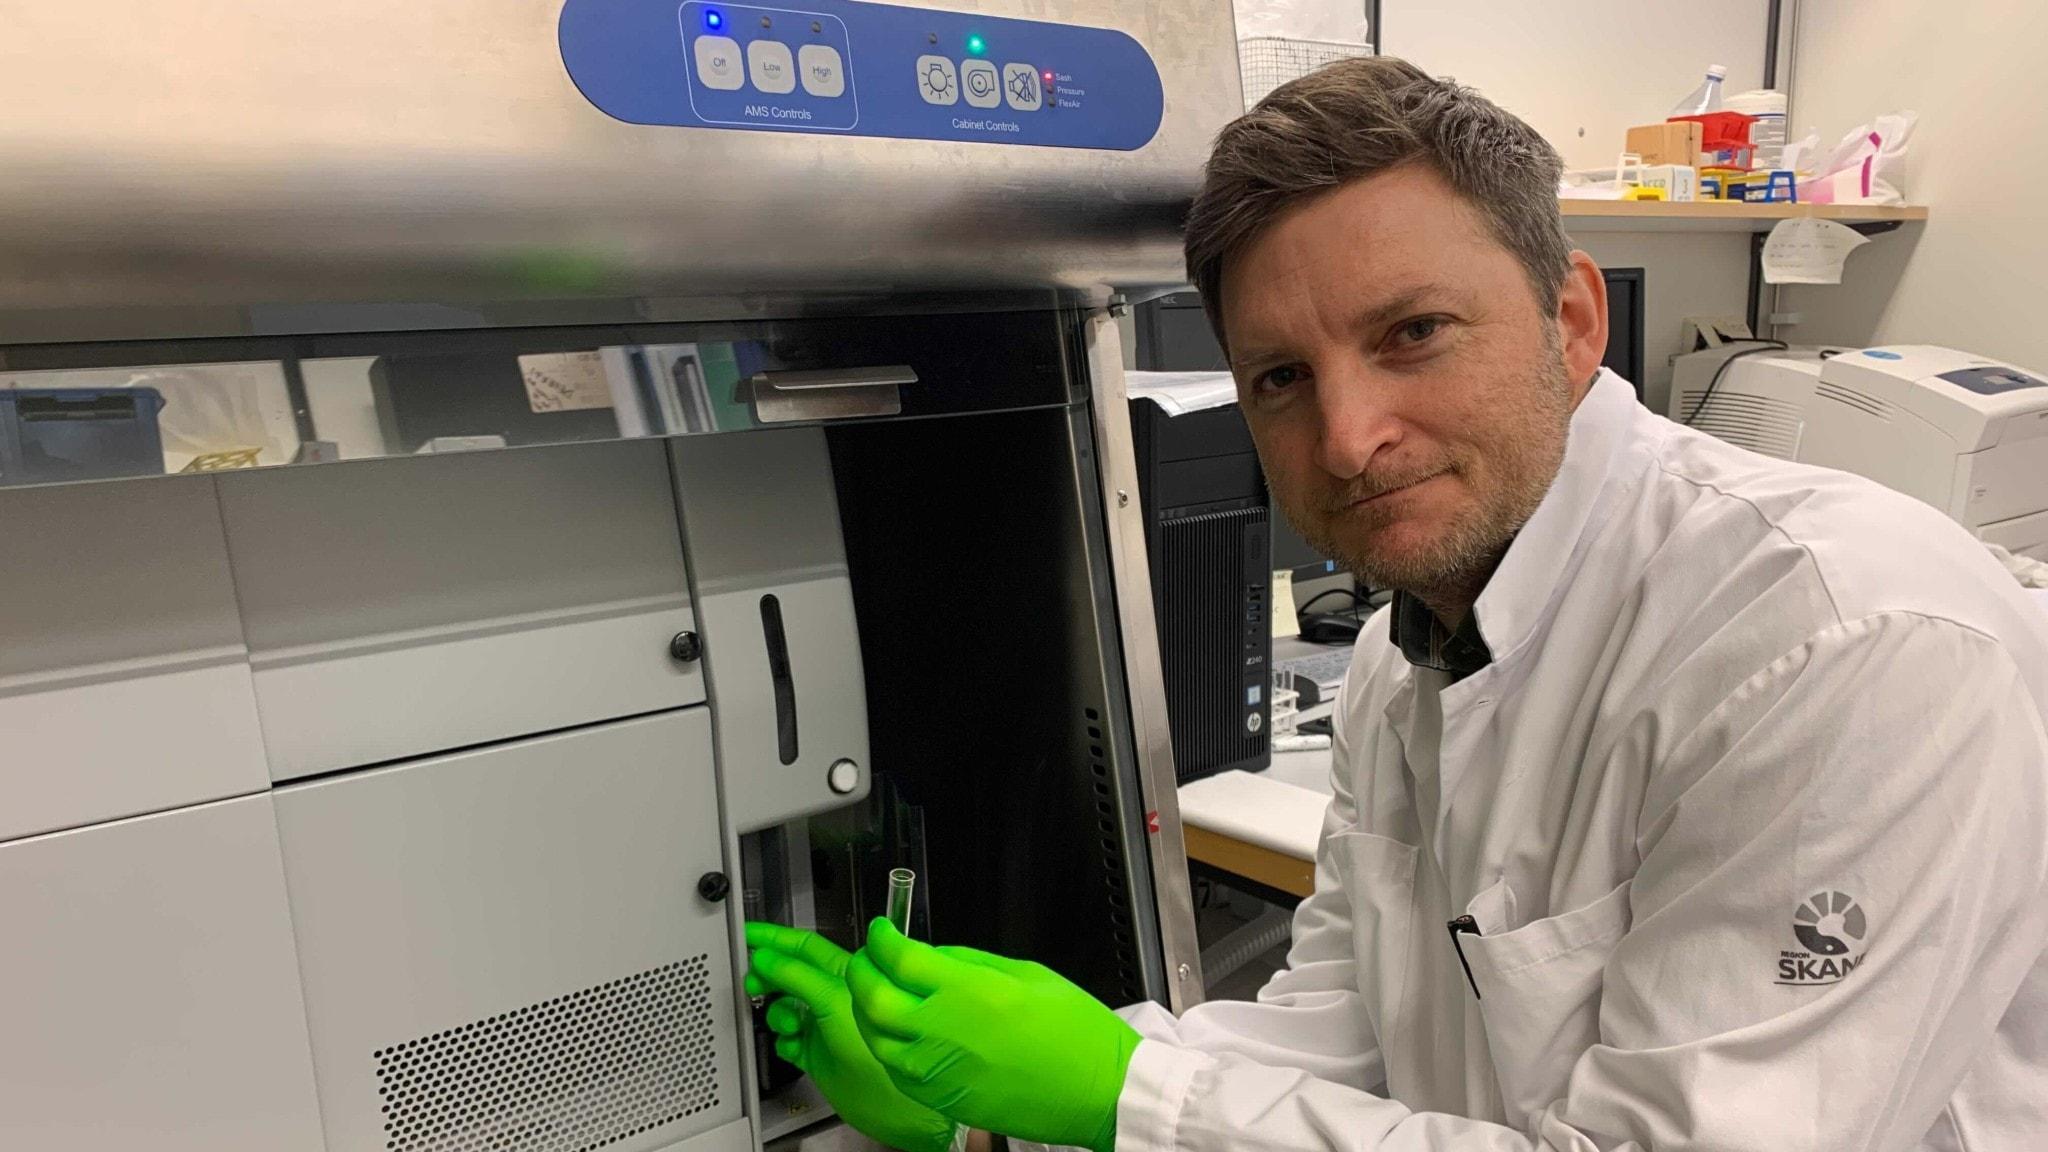 Forskaren Marcus Järås i Lund har gröna handskar när han tar ut ett provrör ur sorteringsmaskinen med CRISPR-förändrade gener . Maskinen ser ut som ett liggande kylskåp.